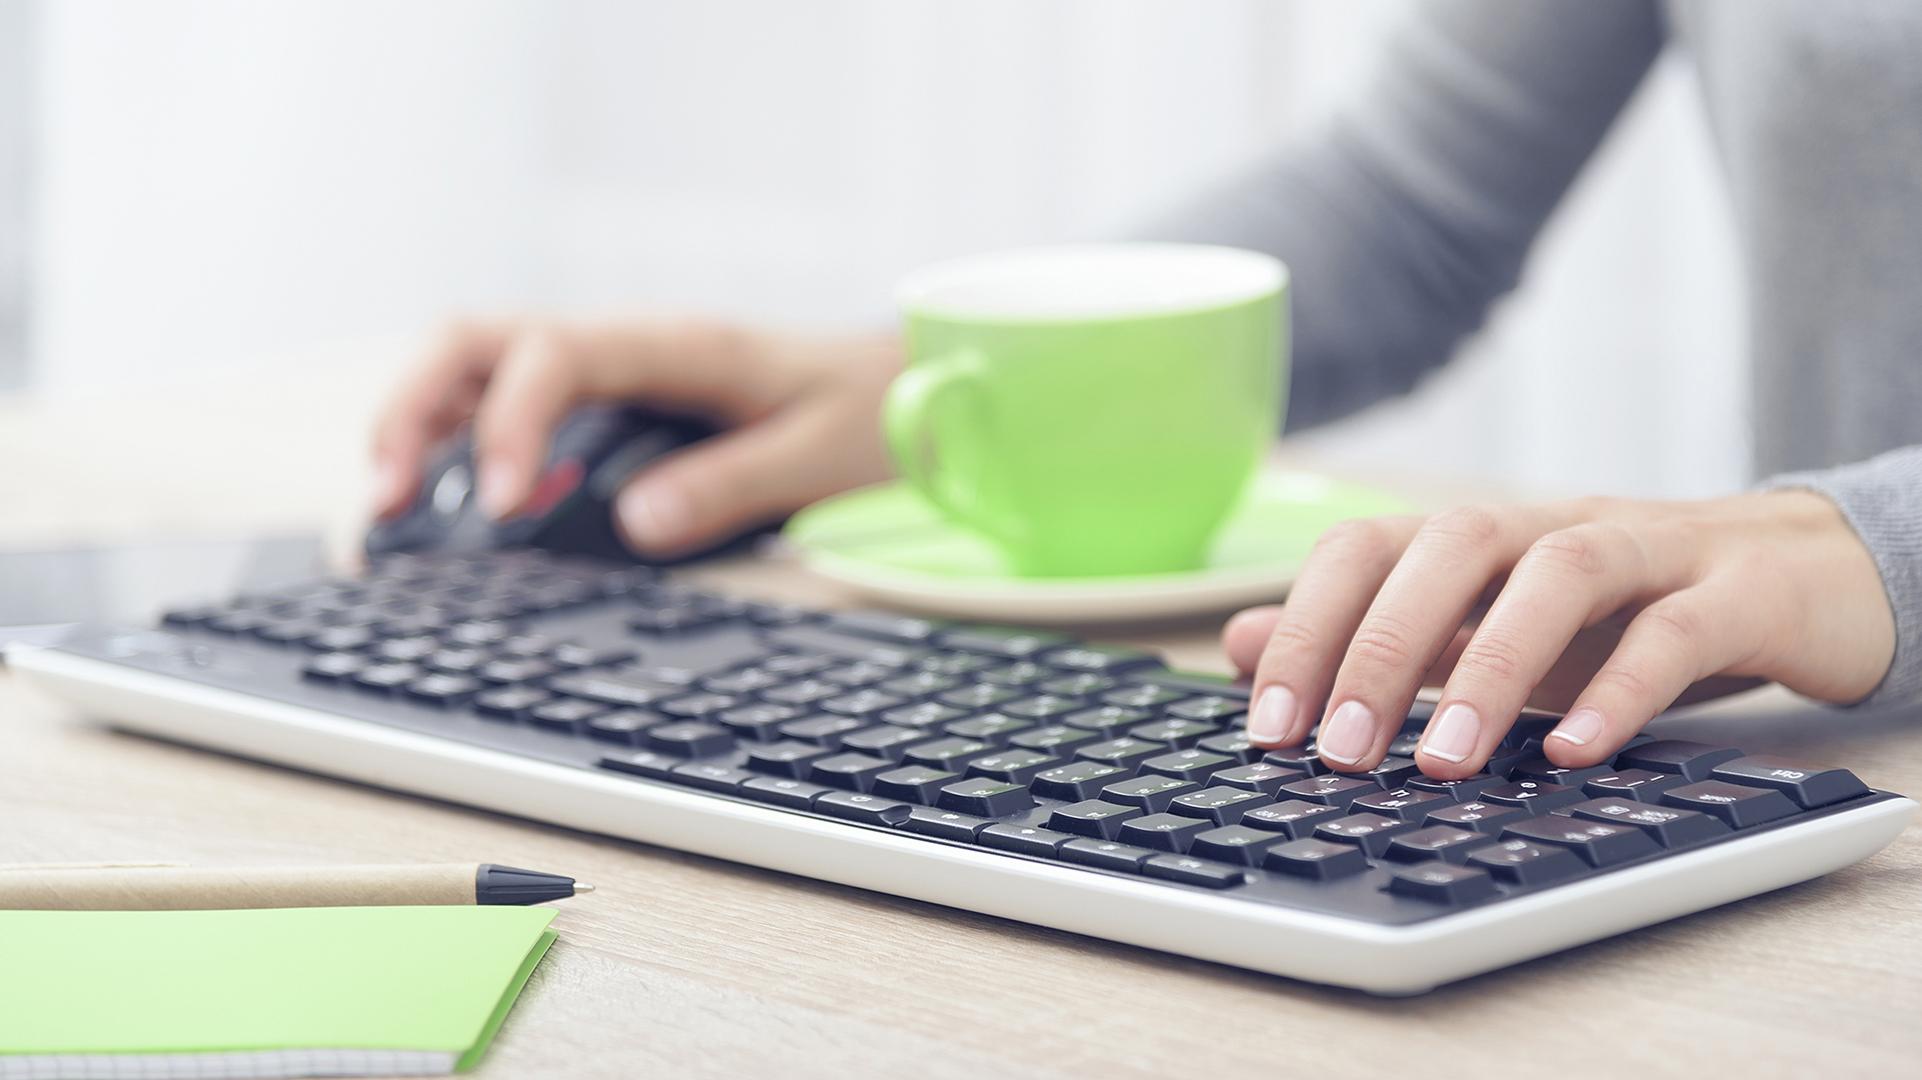 فروشگاه اینترنتی متصل به حسابداری تحت وب